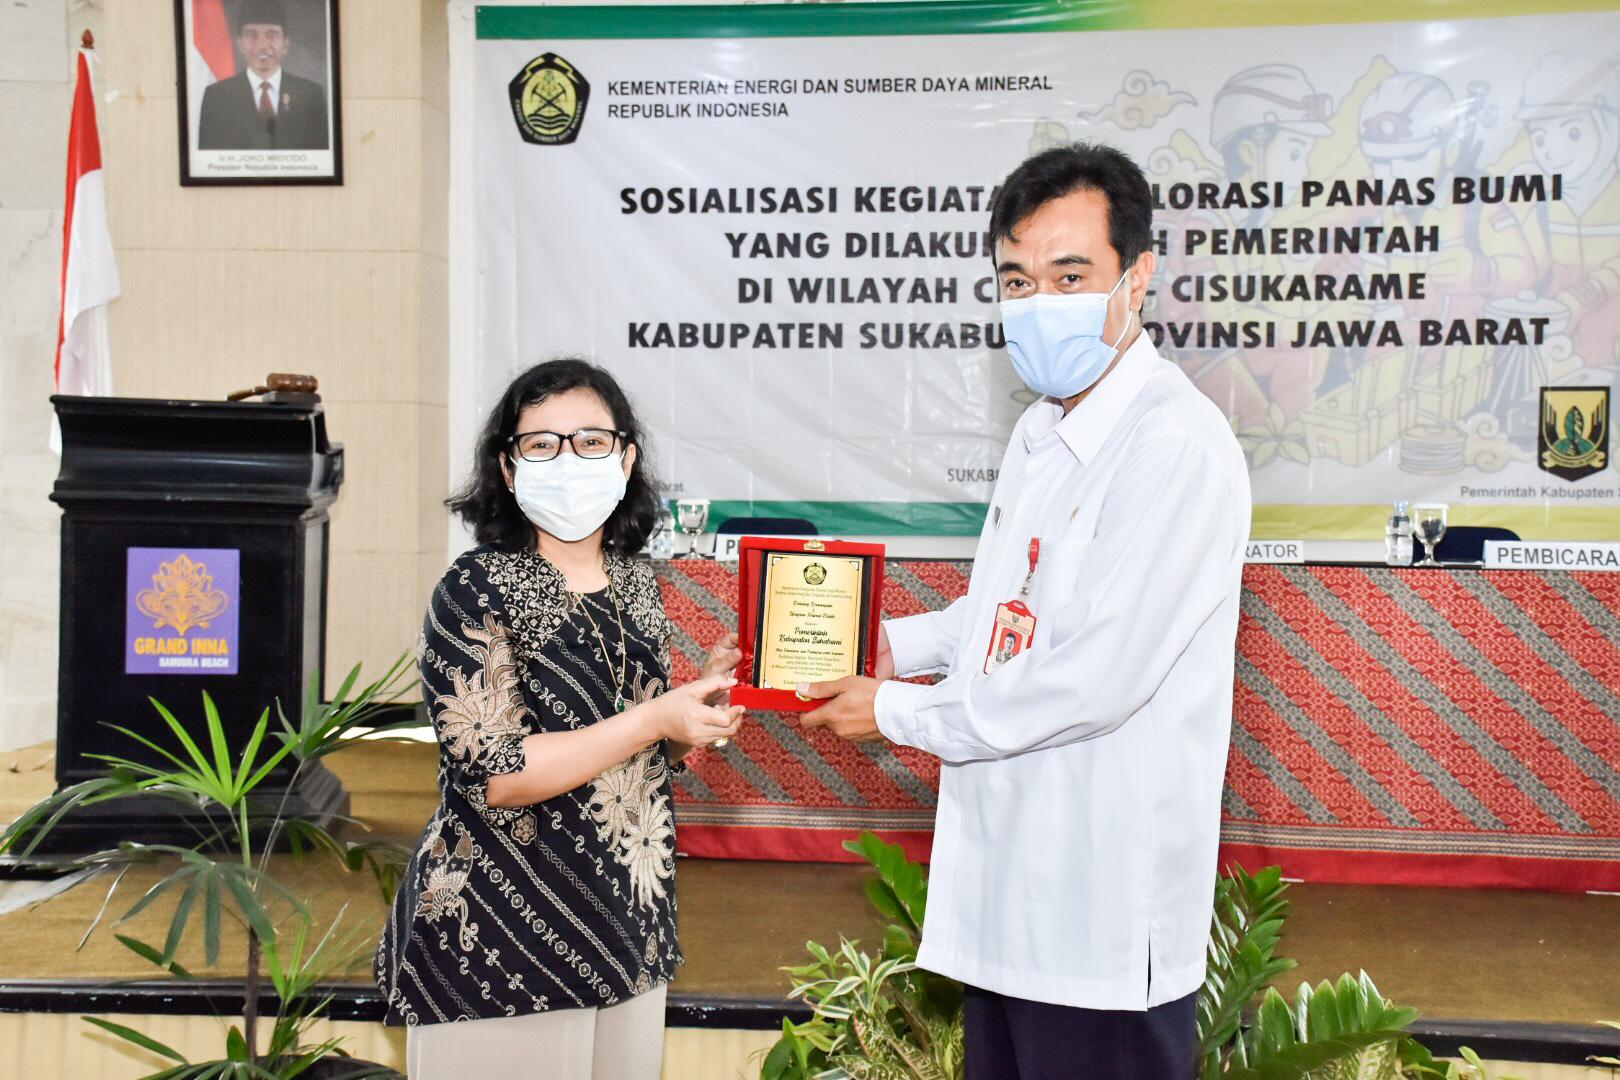 Direktur Panas Bumi Ditjen EBTKE, Ida Nuryatin Finahari memberikan cindera mata kepada perwakilan Pemerintah daerah Kabupaten Sukabumi di Kecamatan Cisolok, Kabupaten Sukabumi. (02/09/2020)